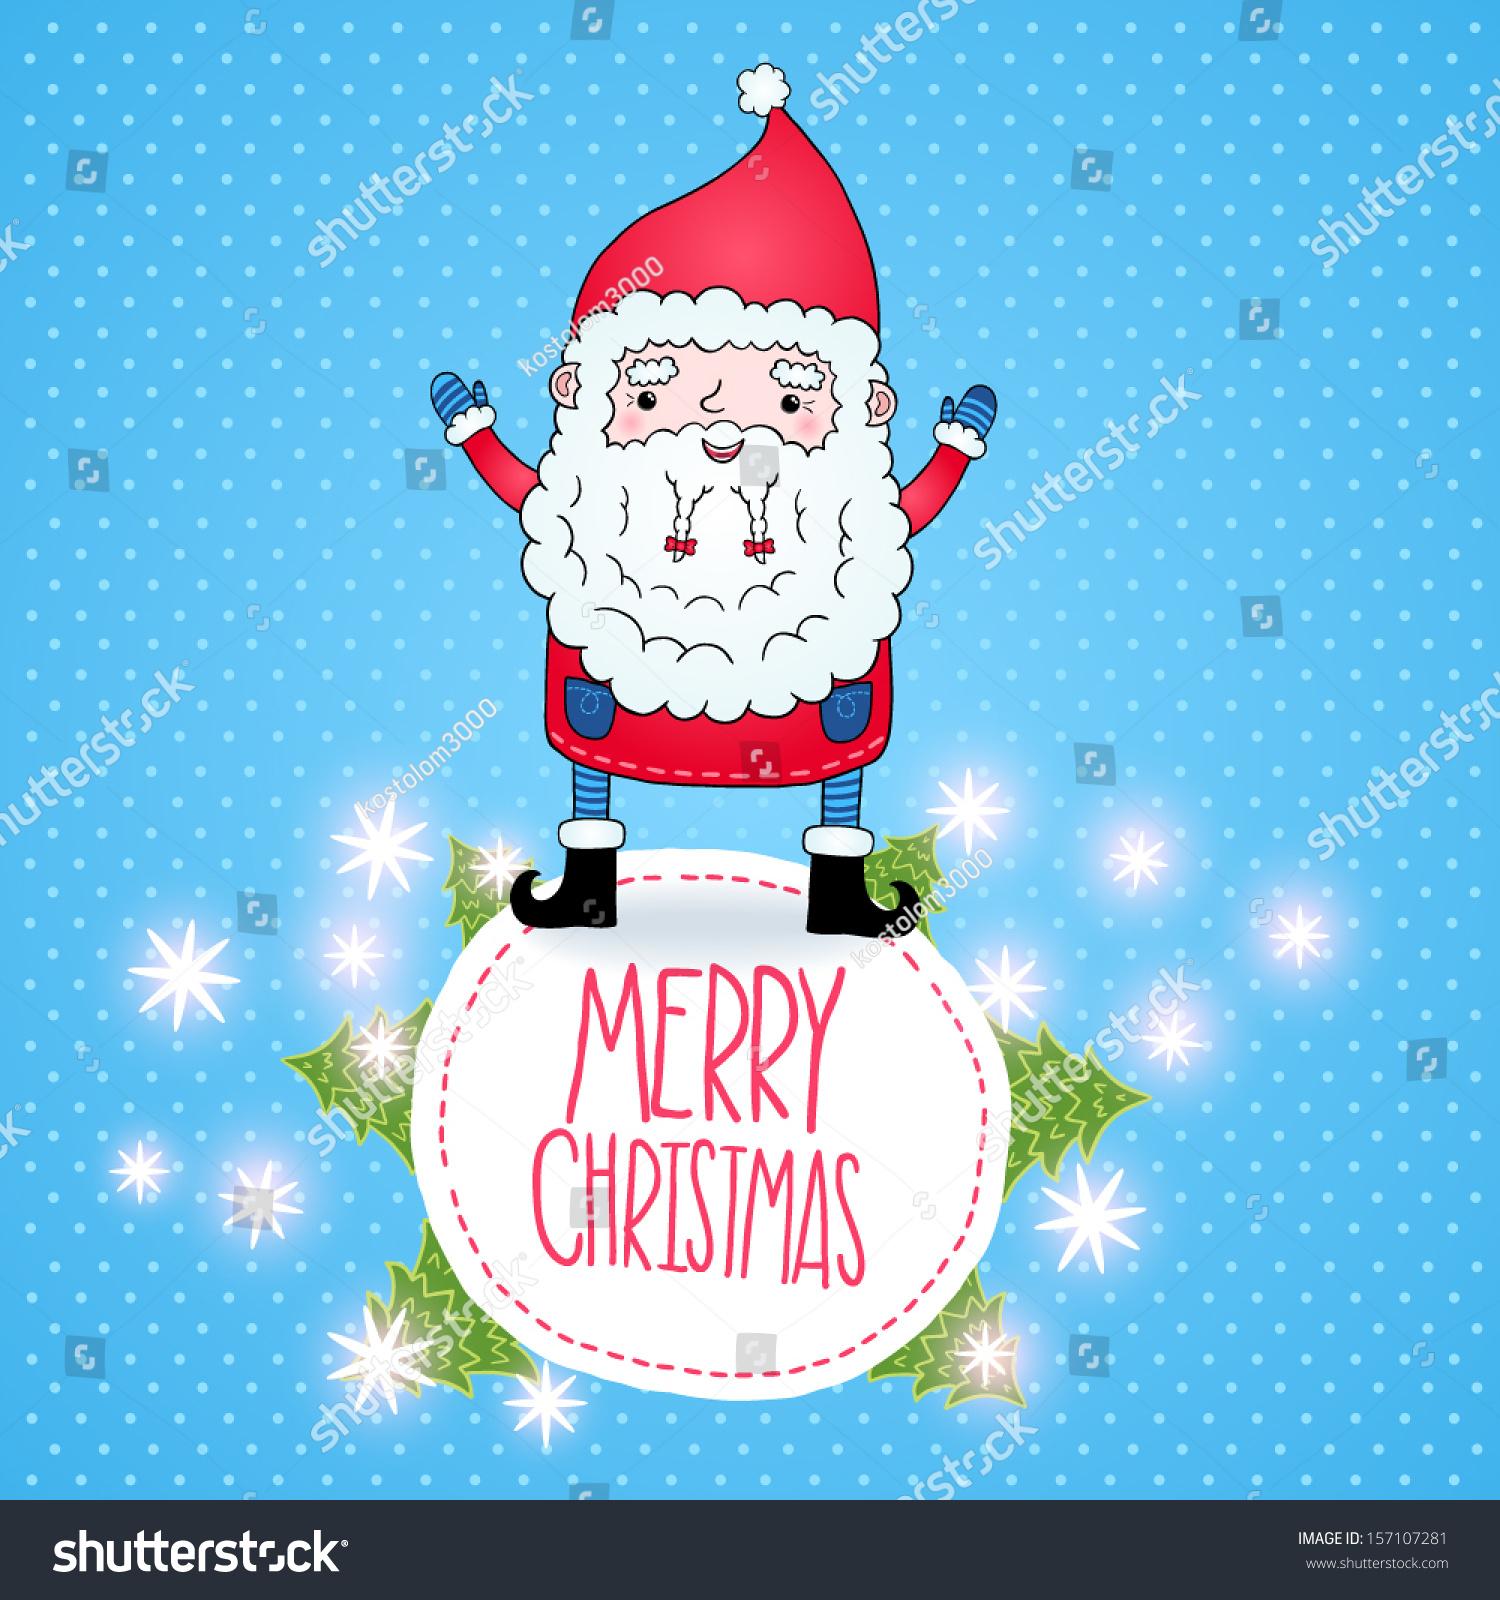 Cute cartoon Santa Claus Christmas card | EZ Canvas